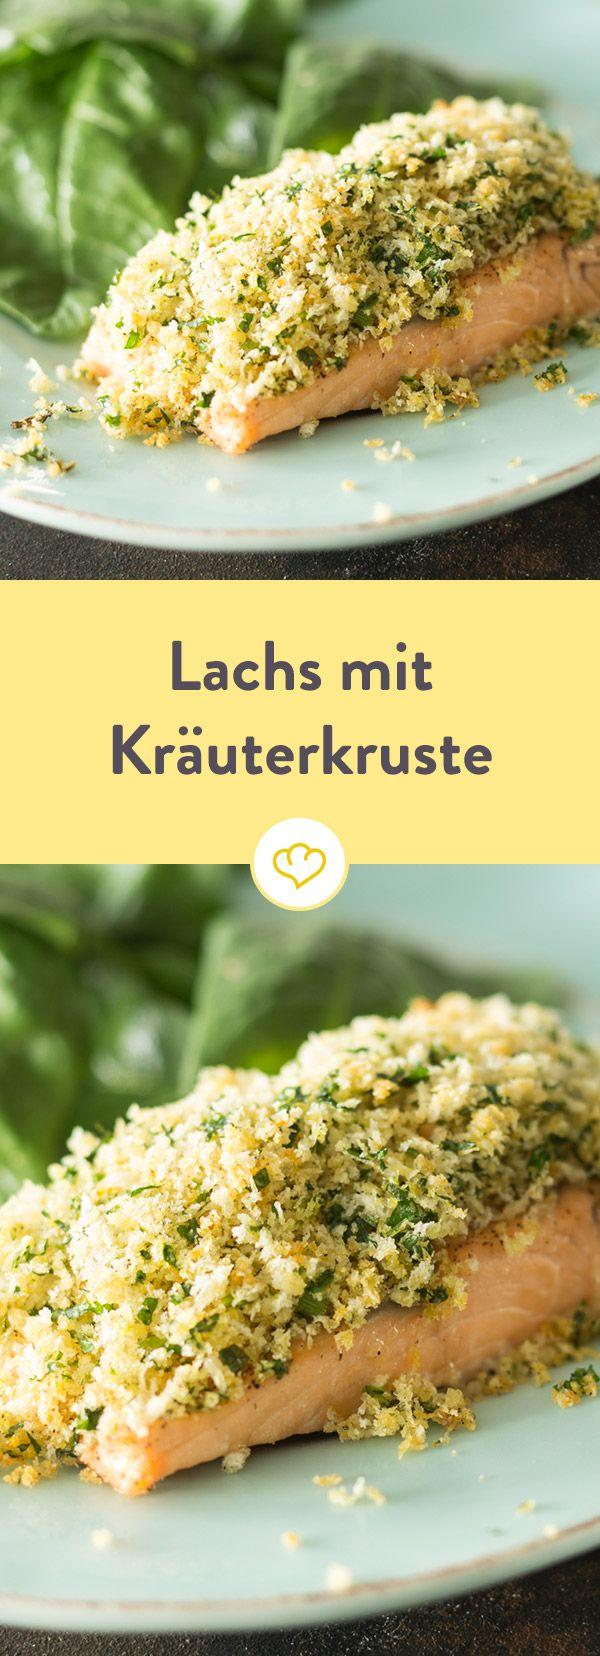 Warmer, zarter Lachs aus dem Ofen mit einer würzigen Kruste aus Brot und Petersilie - wenn das mal nicht nach einem gelungenen Mittagessen klingt?